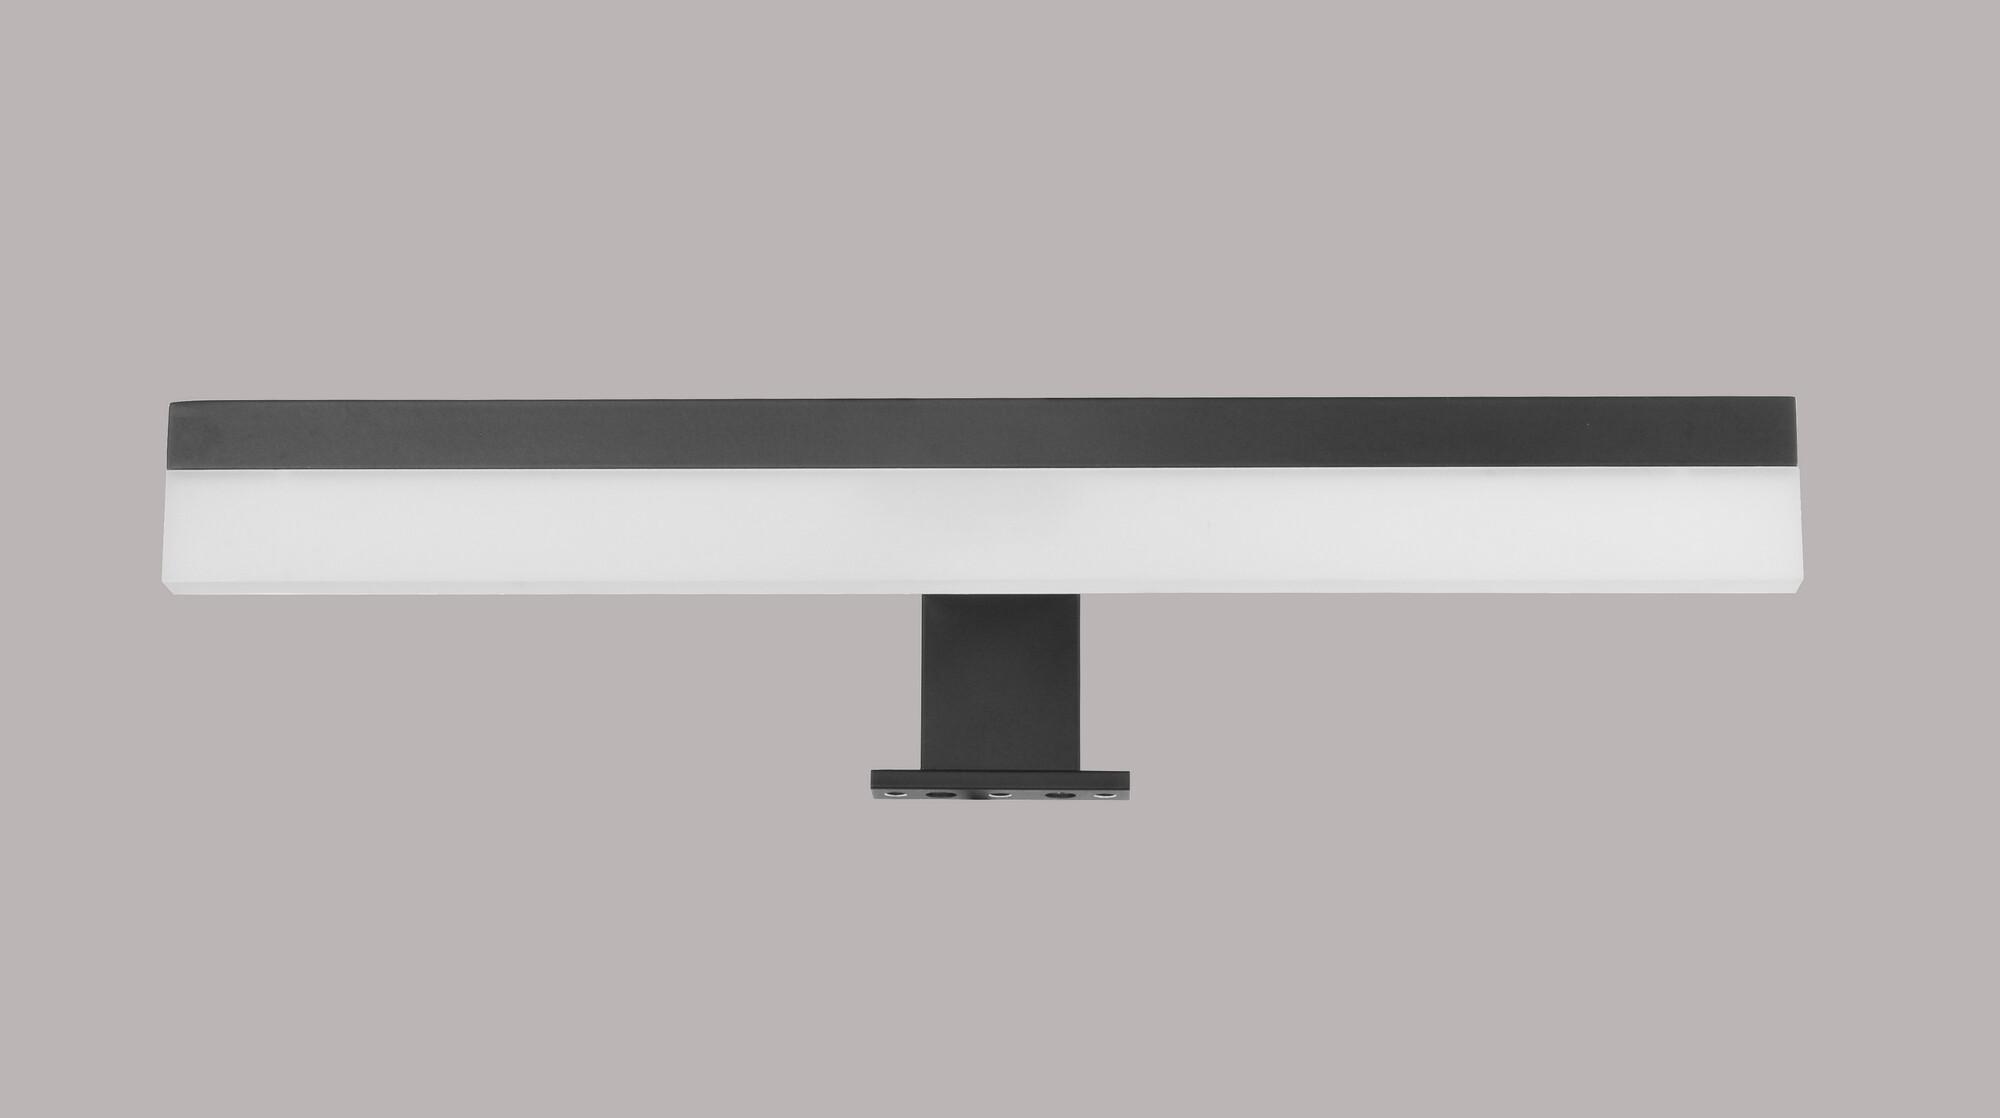 DECADE Wandlamp LED 1x70W/574lm Rechthoekig Zwart